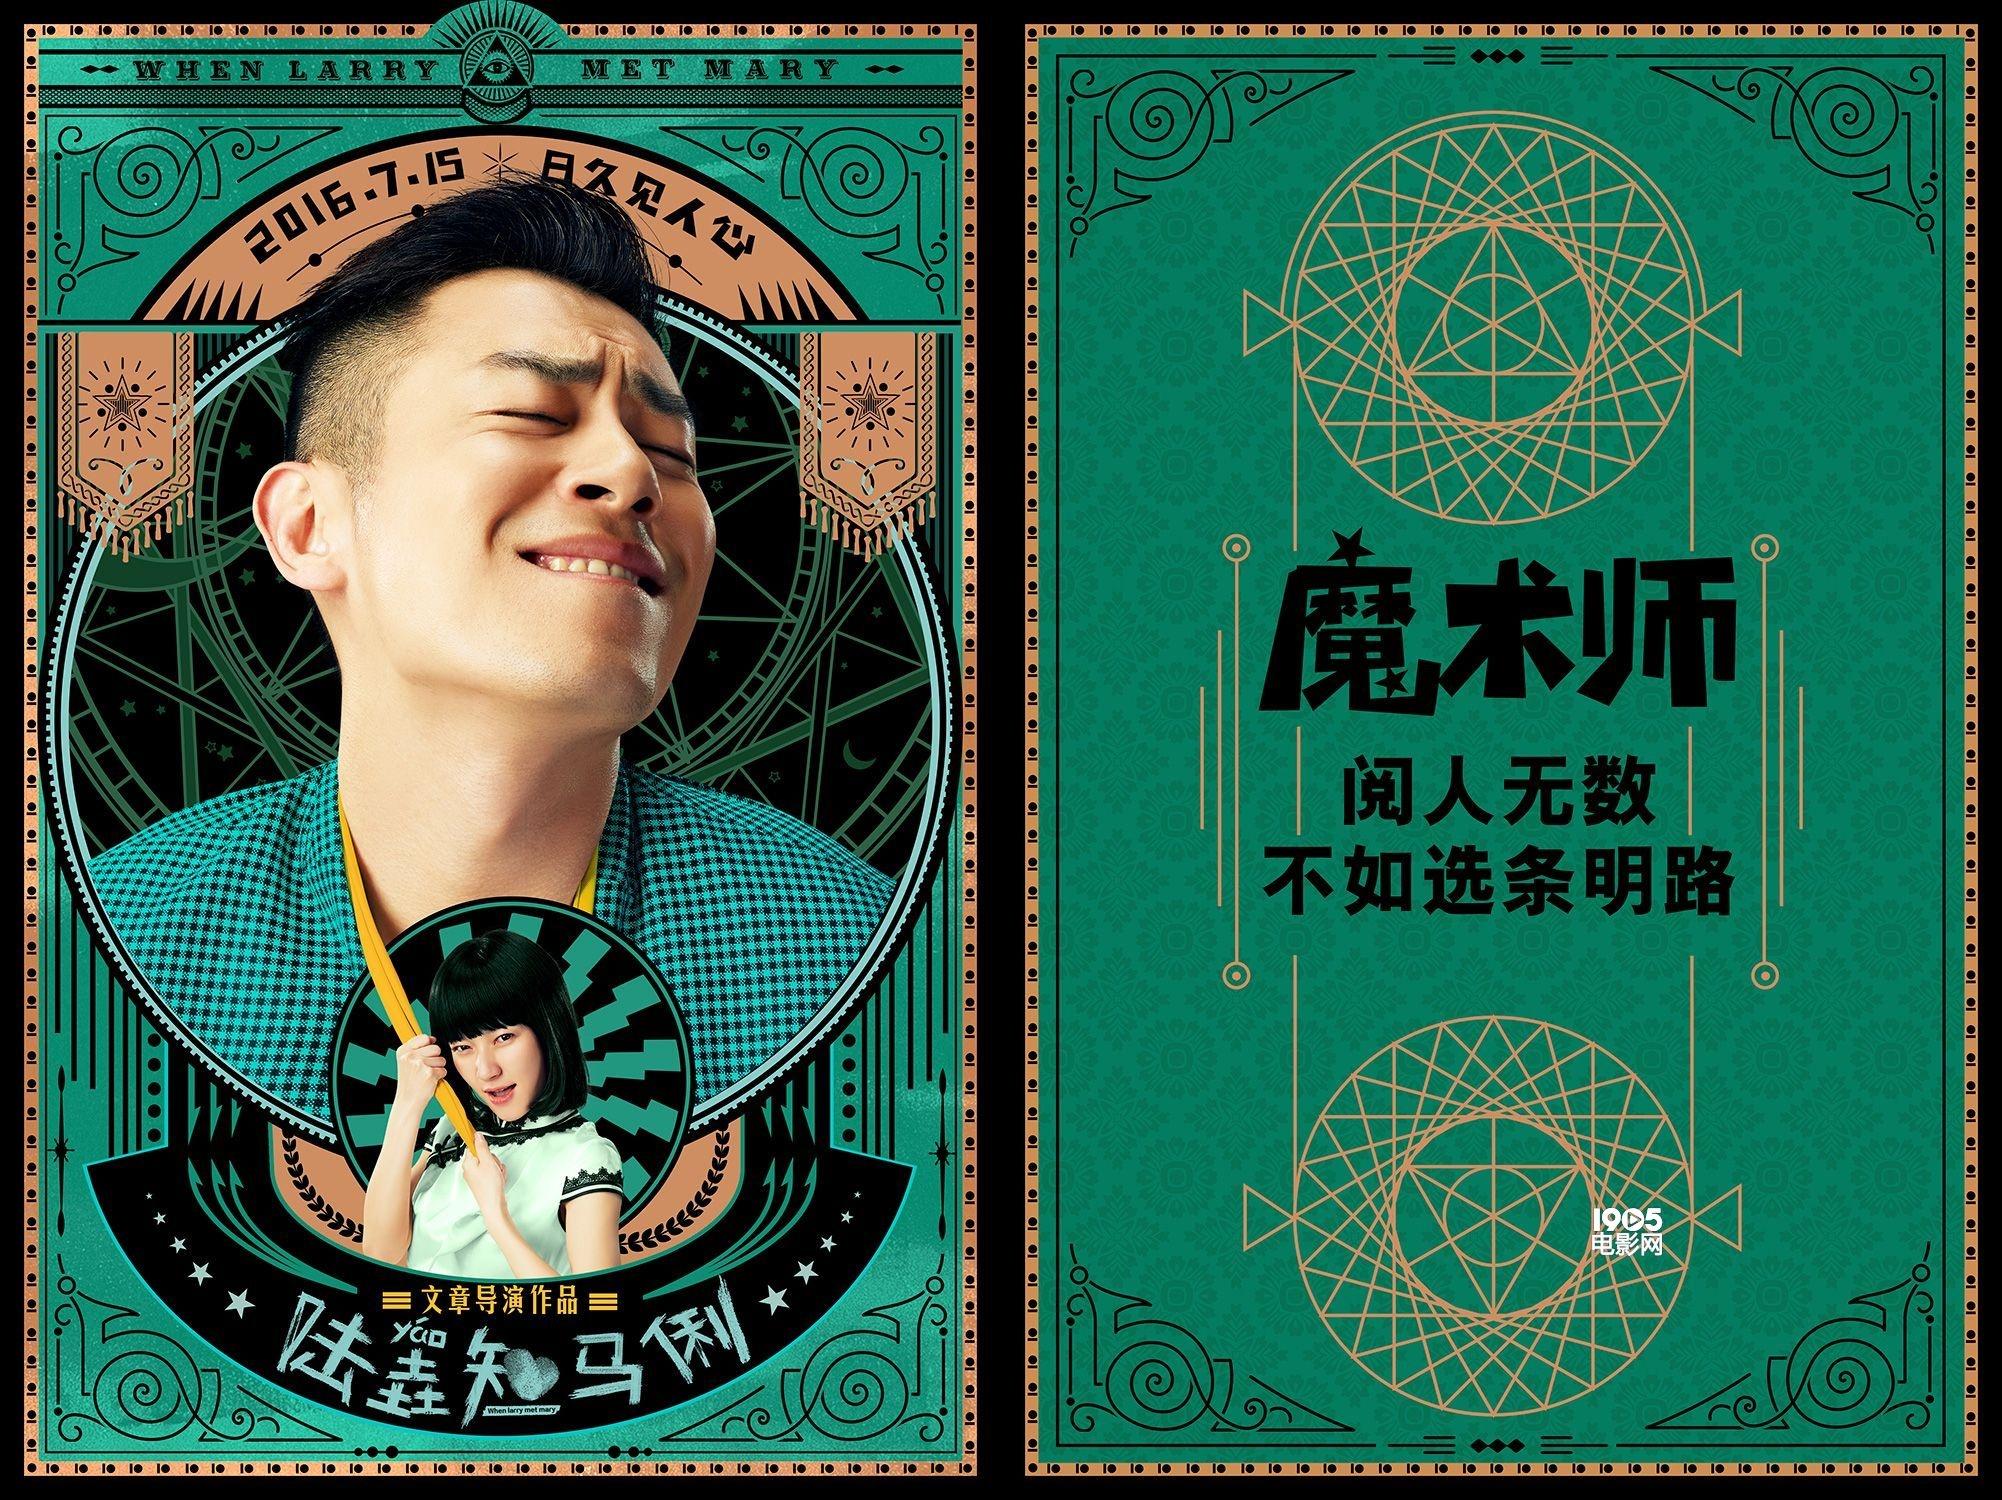 《陆垚知马俐》塔罗牌海报